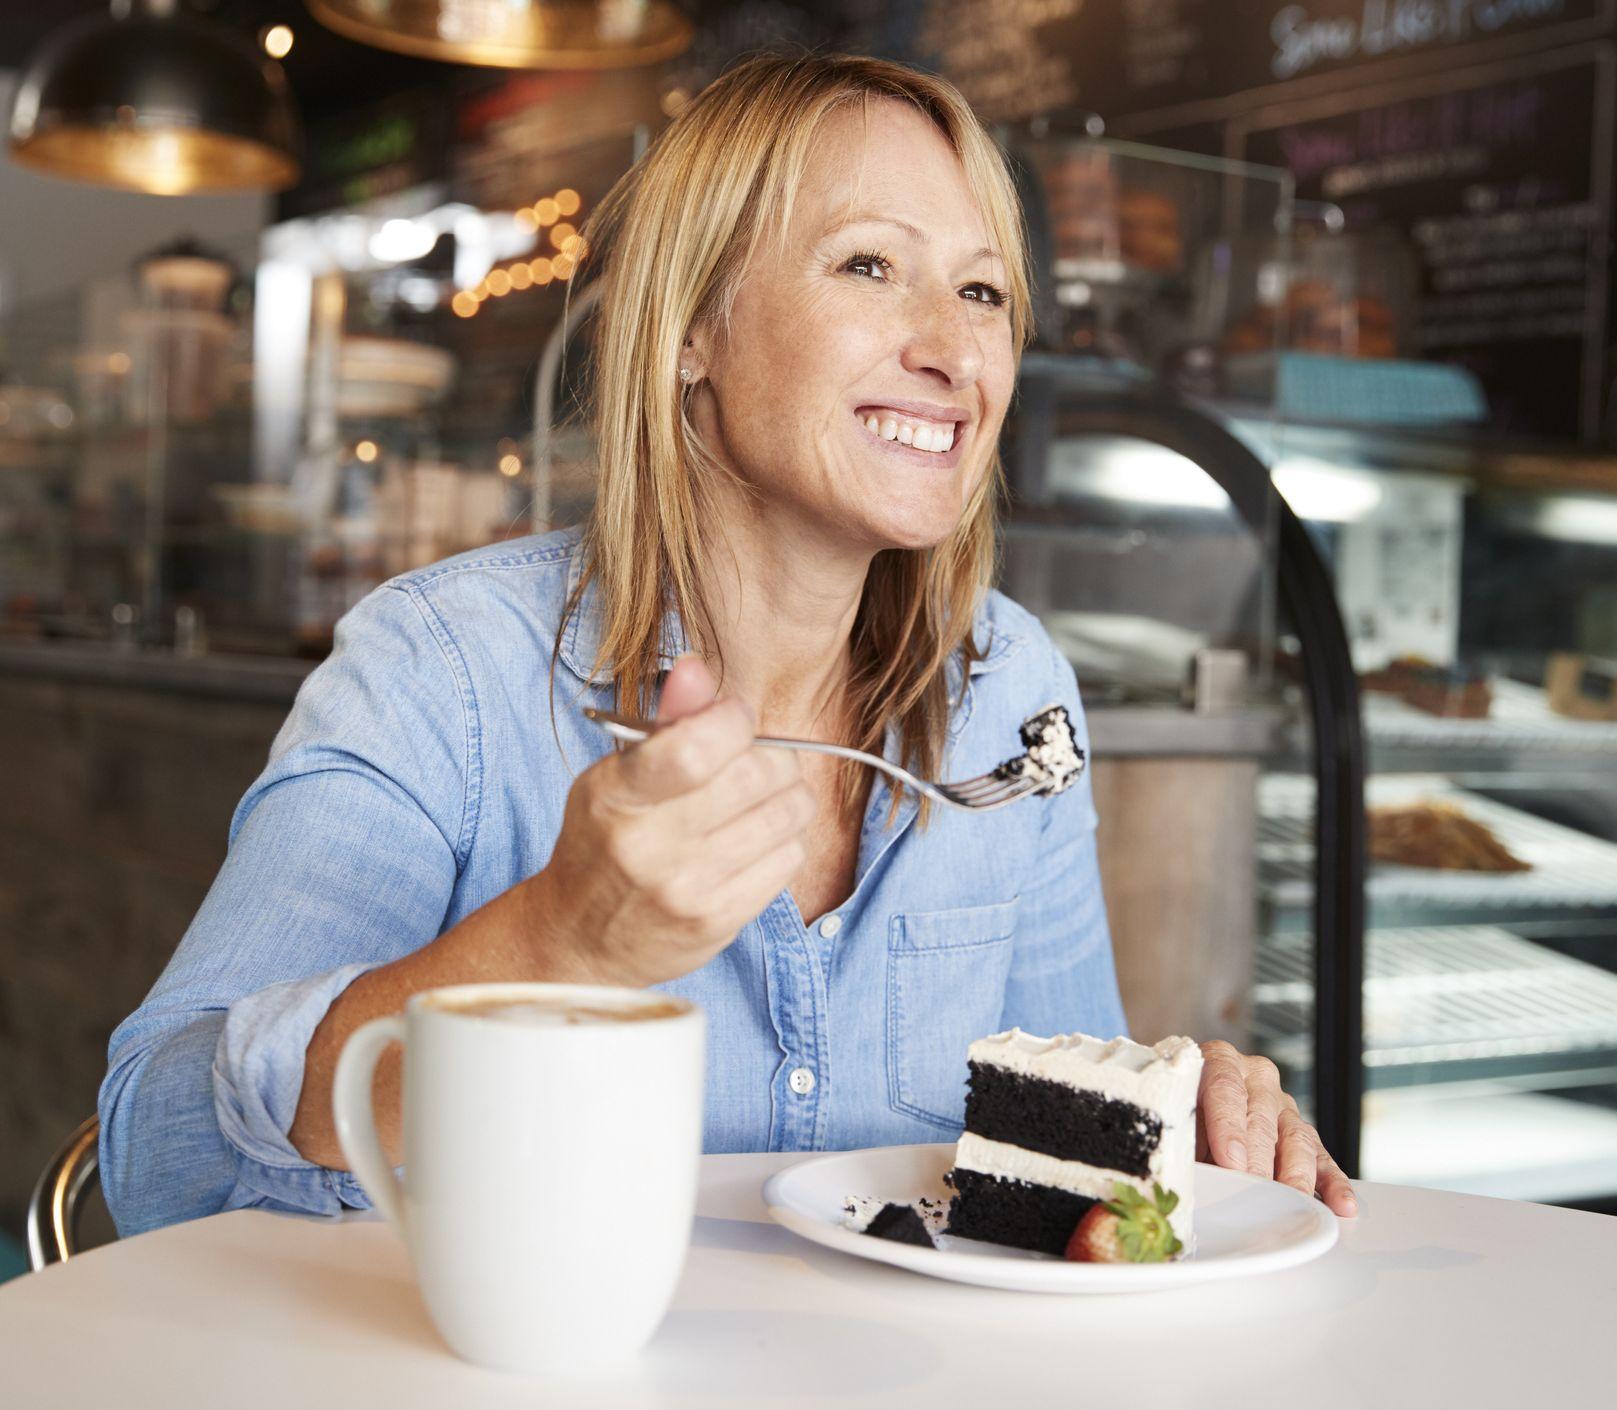 Porušenie diéty je pozitívnym znakom: Sladká odmena pomôže pri chudnutí